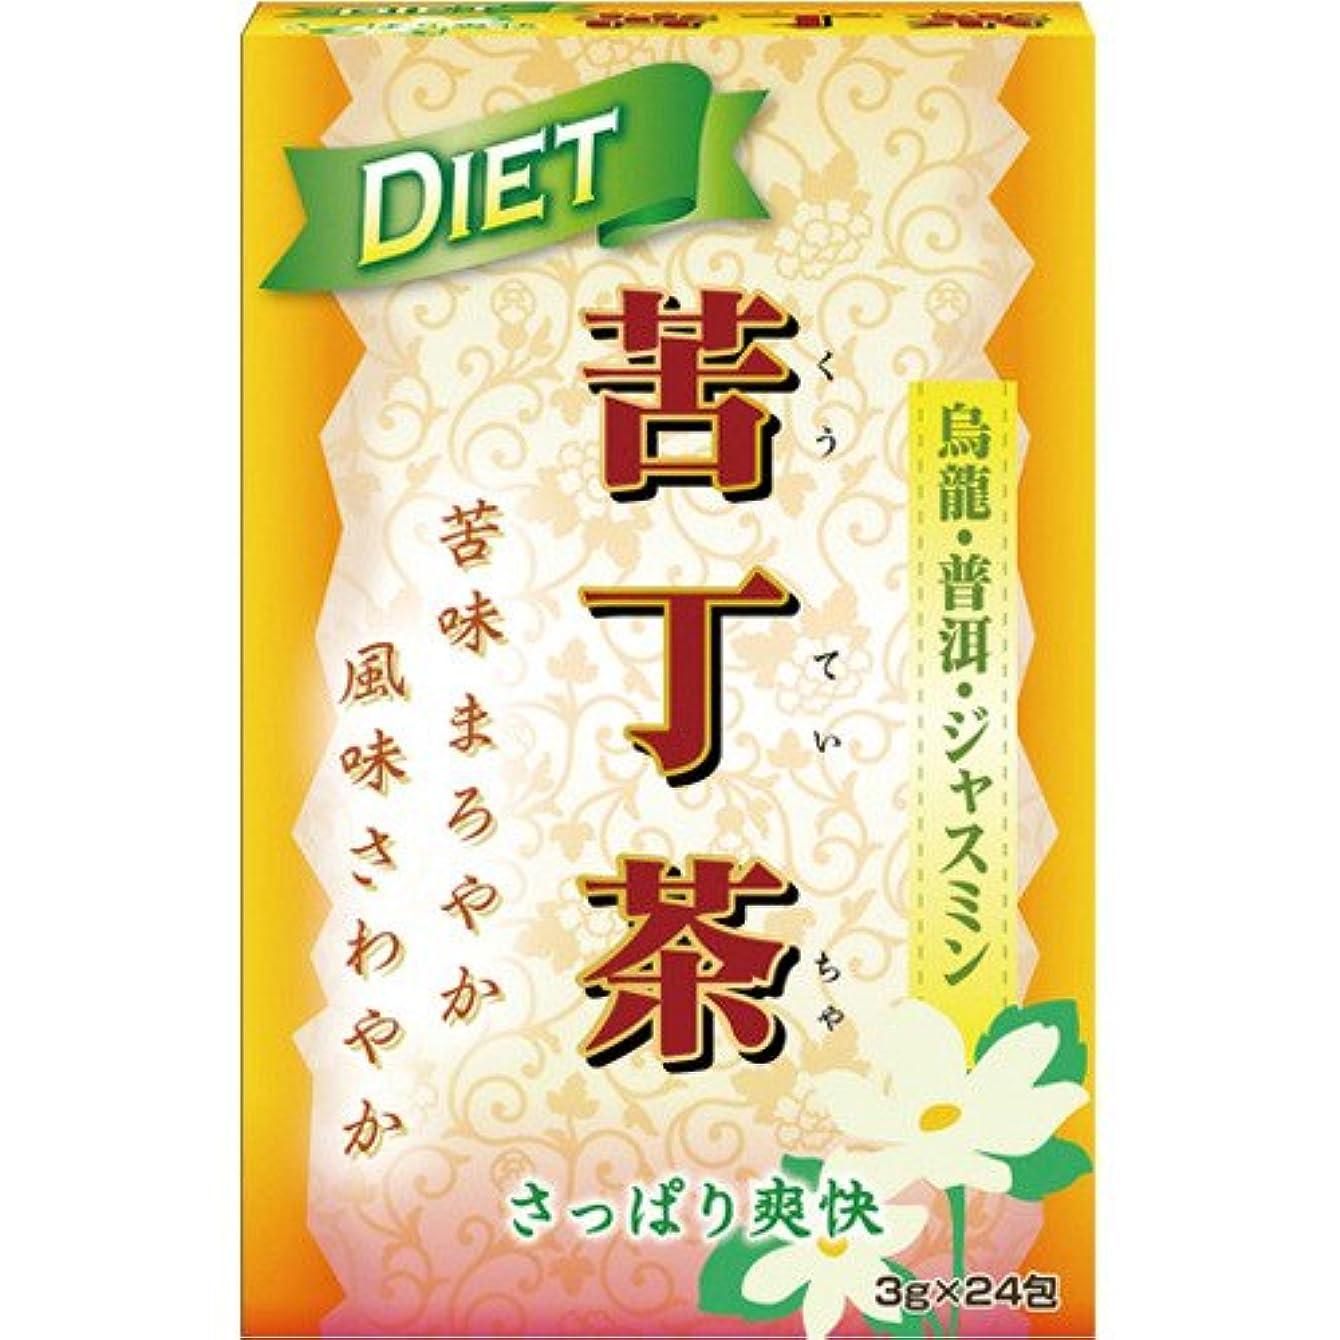 薄暗いクランプ手配するダイエット苦丁茶 3g×24包